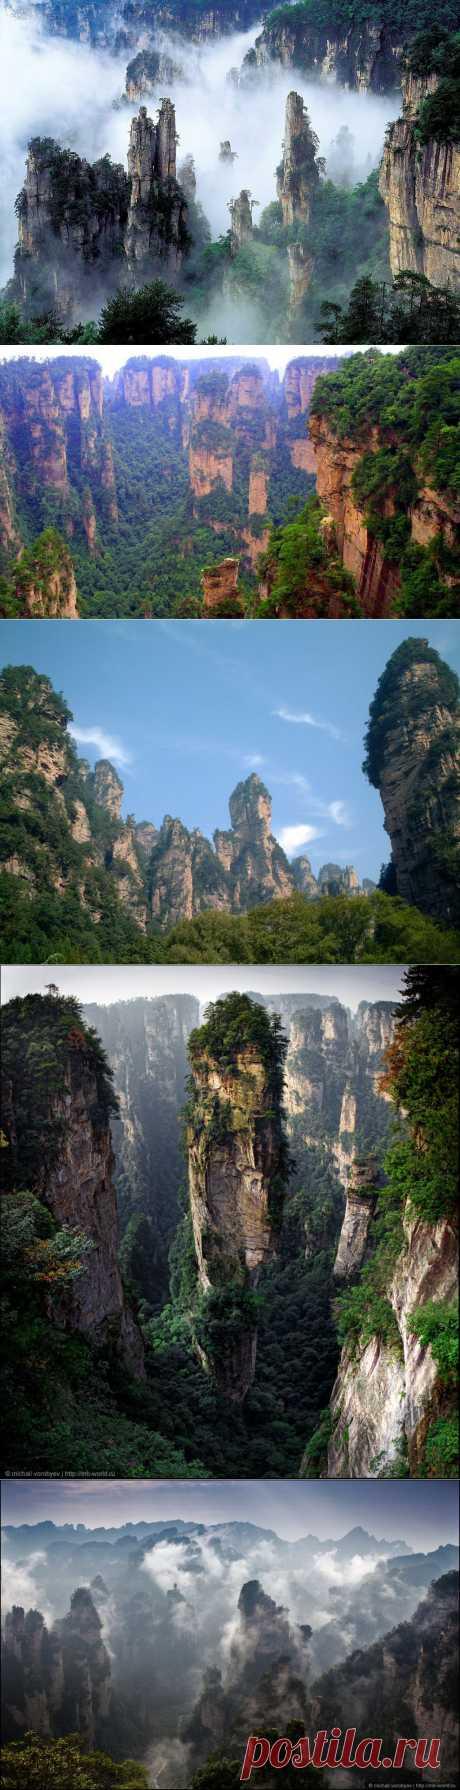 Летающие скалы «Аватара» - Улинъюань в национальном парке Чжанцзяцзе, Китай | Newpix.ru - позитивный интернет-журнал